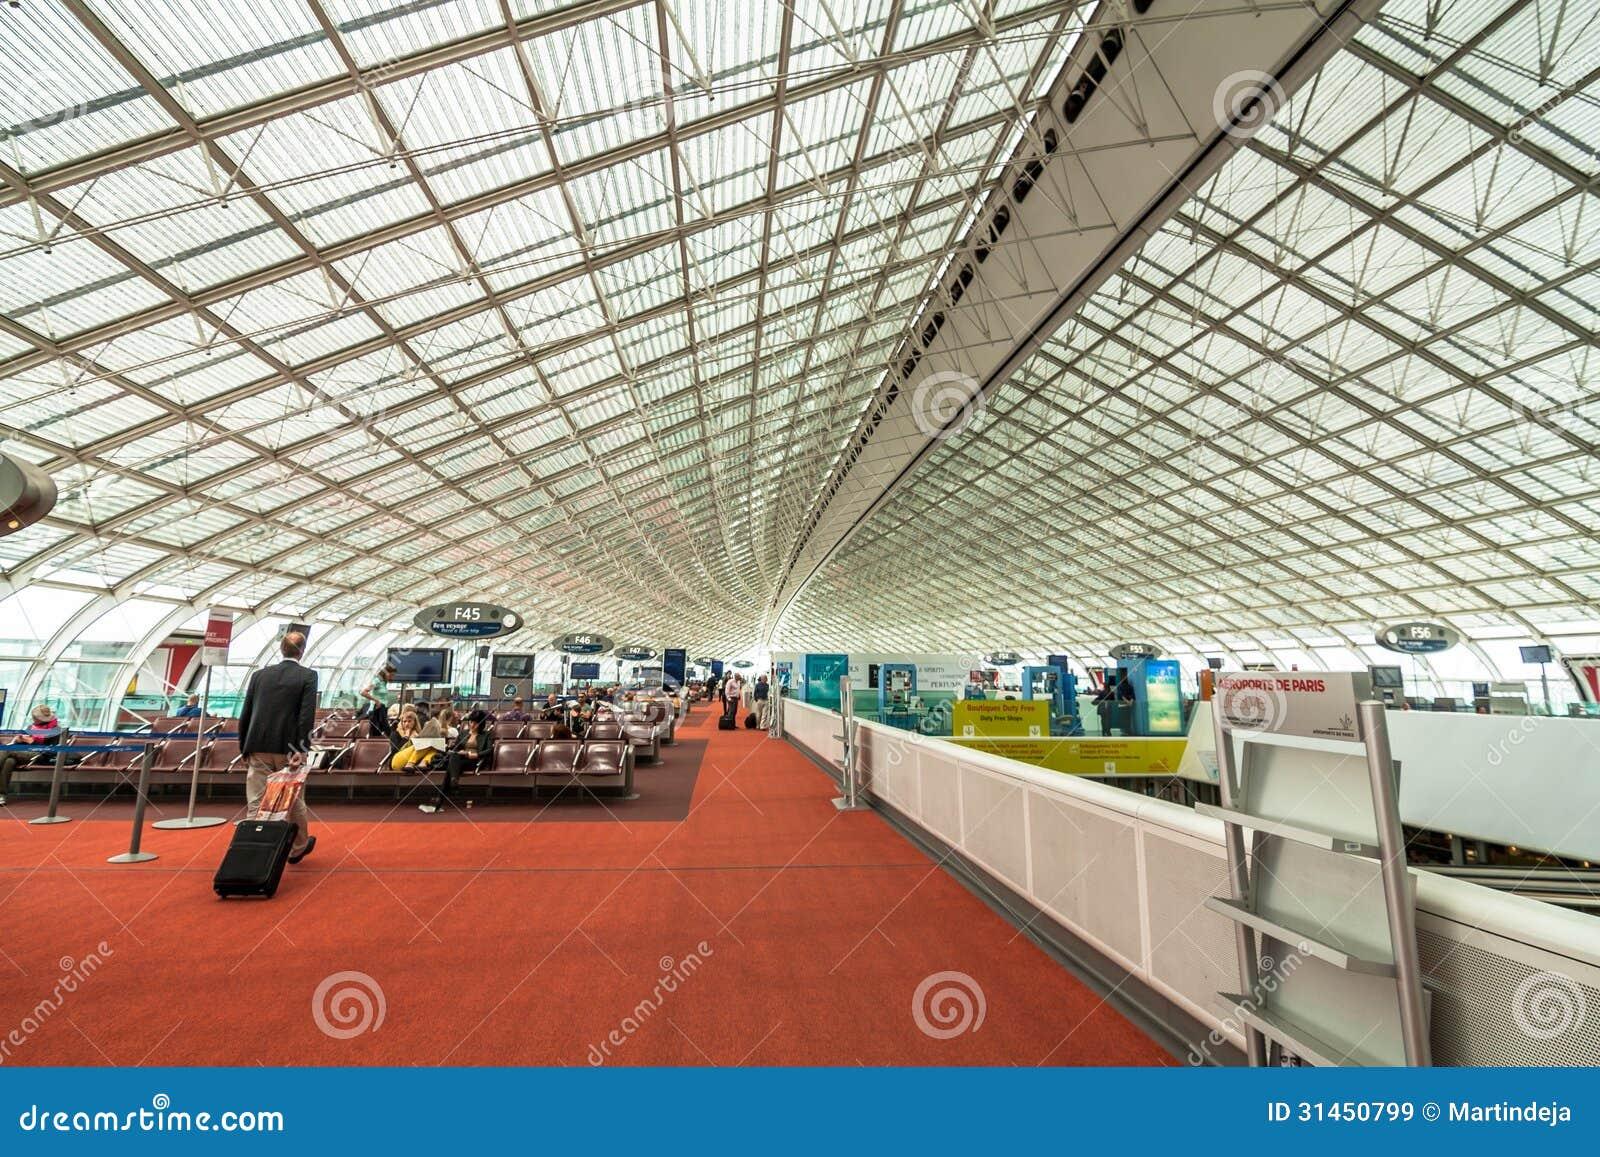 ... 夏尔・戴高乐机场 编辑类库存图片 - 图片: 31450799